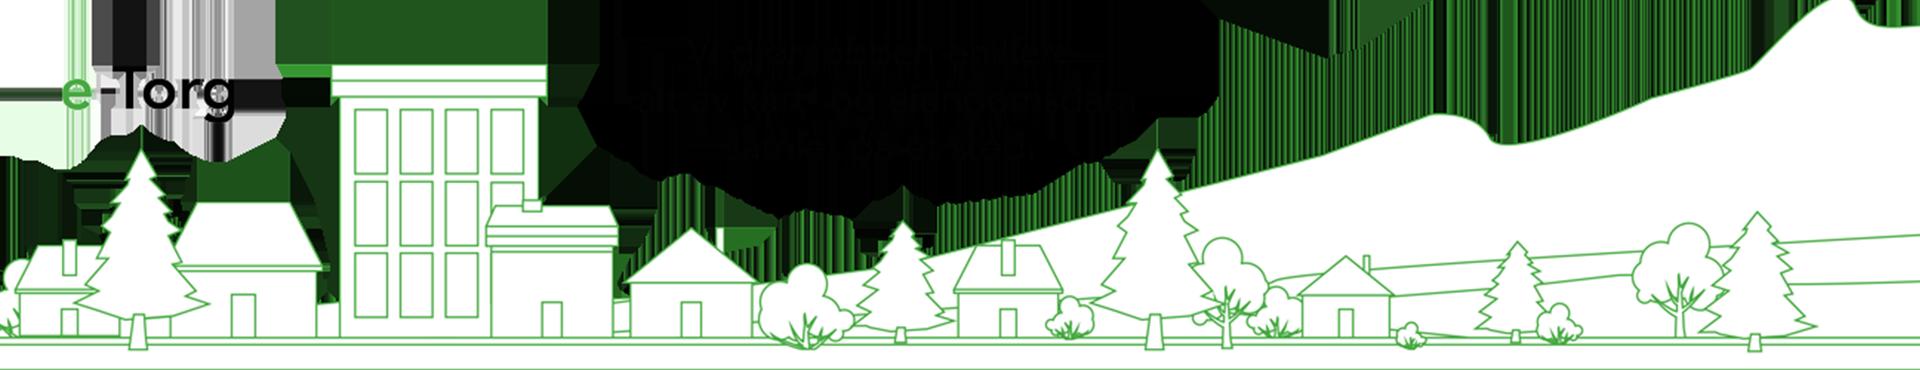 etorg-banner